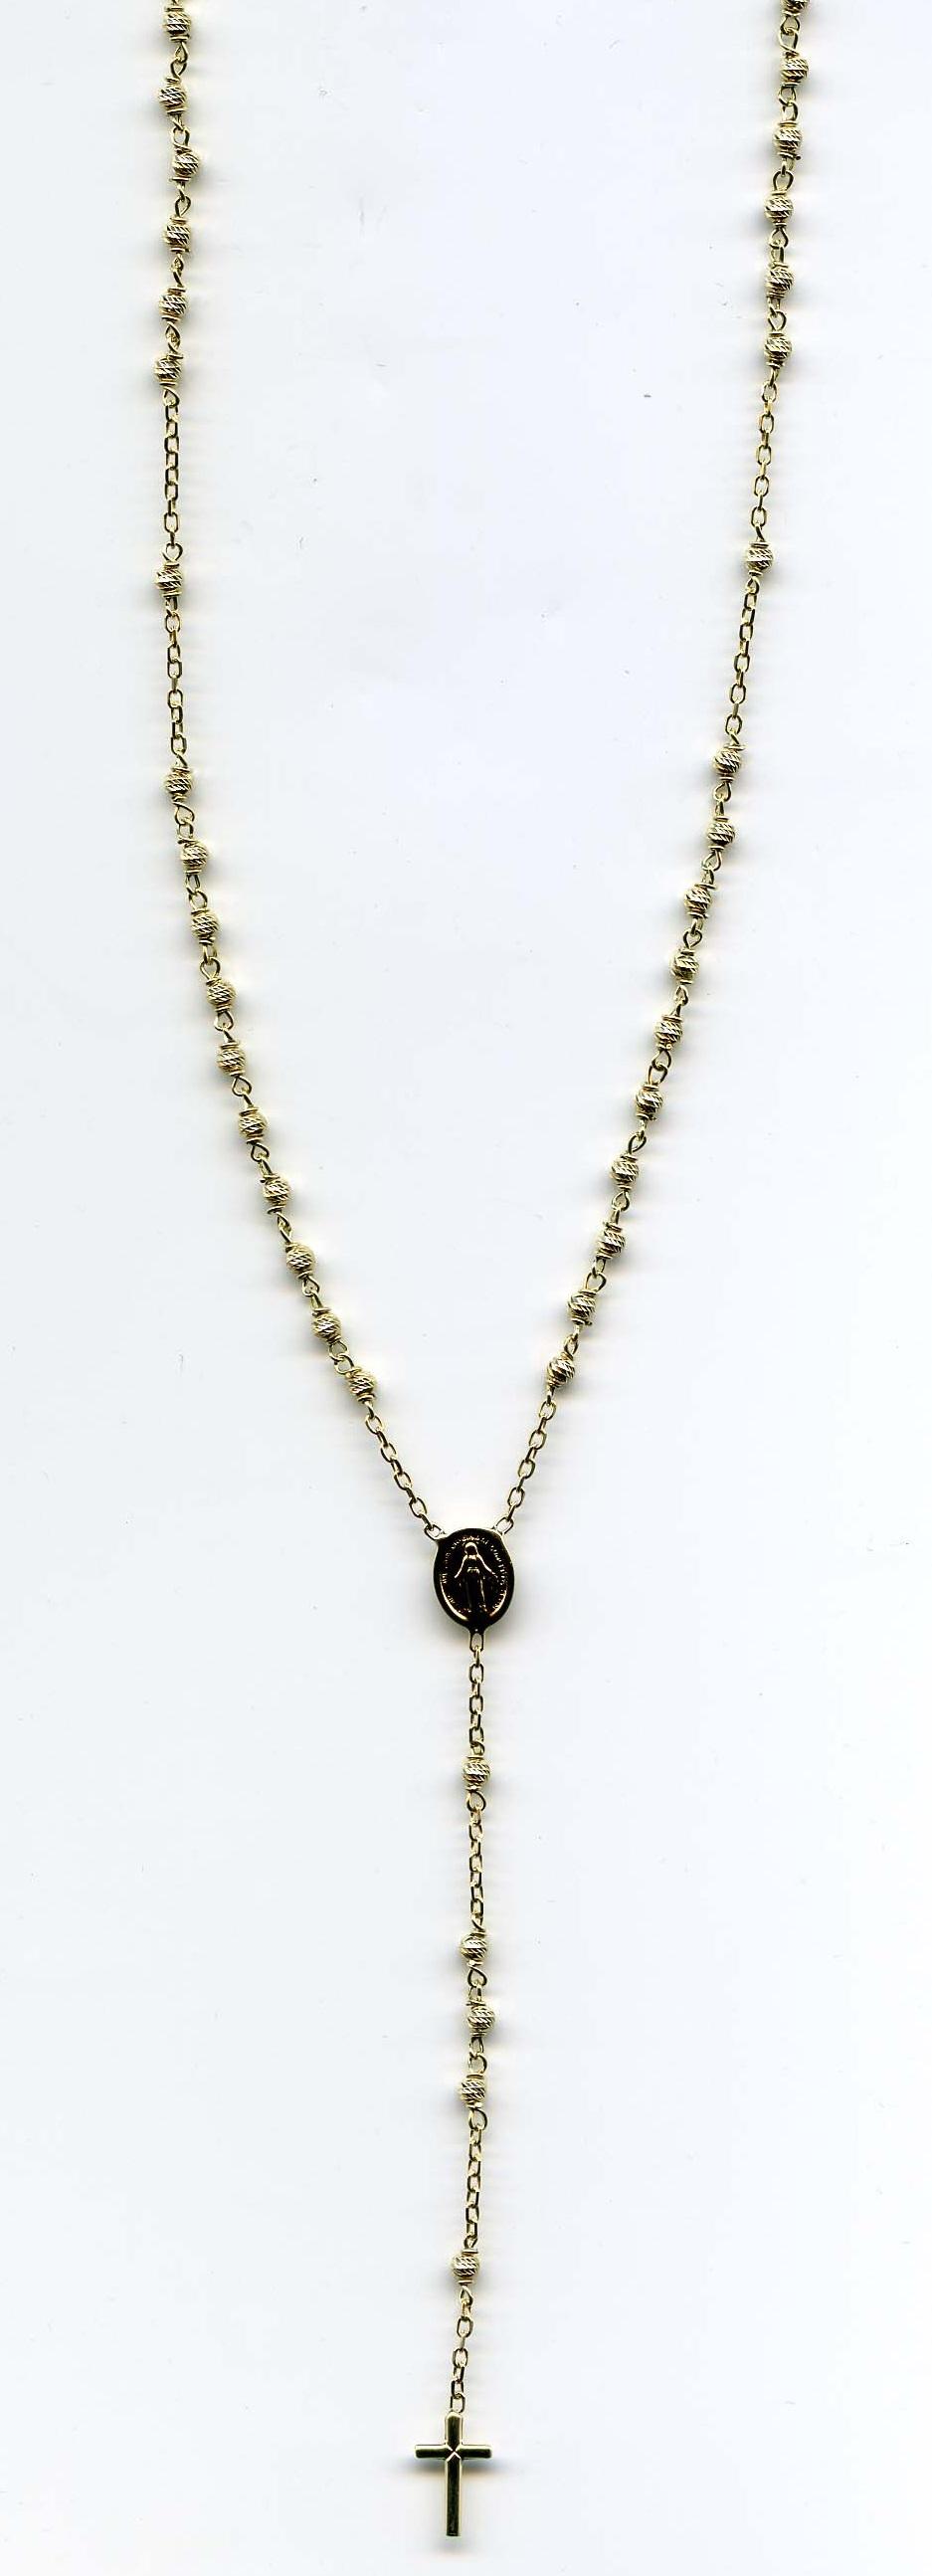 Zlatý velký růženec 247/ROS/02 585/6,0gr/50cm - růženec s madonkou a křížkem